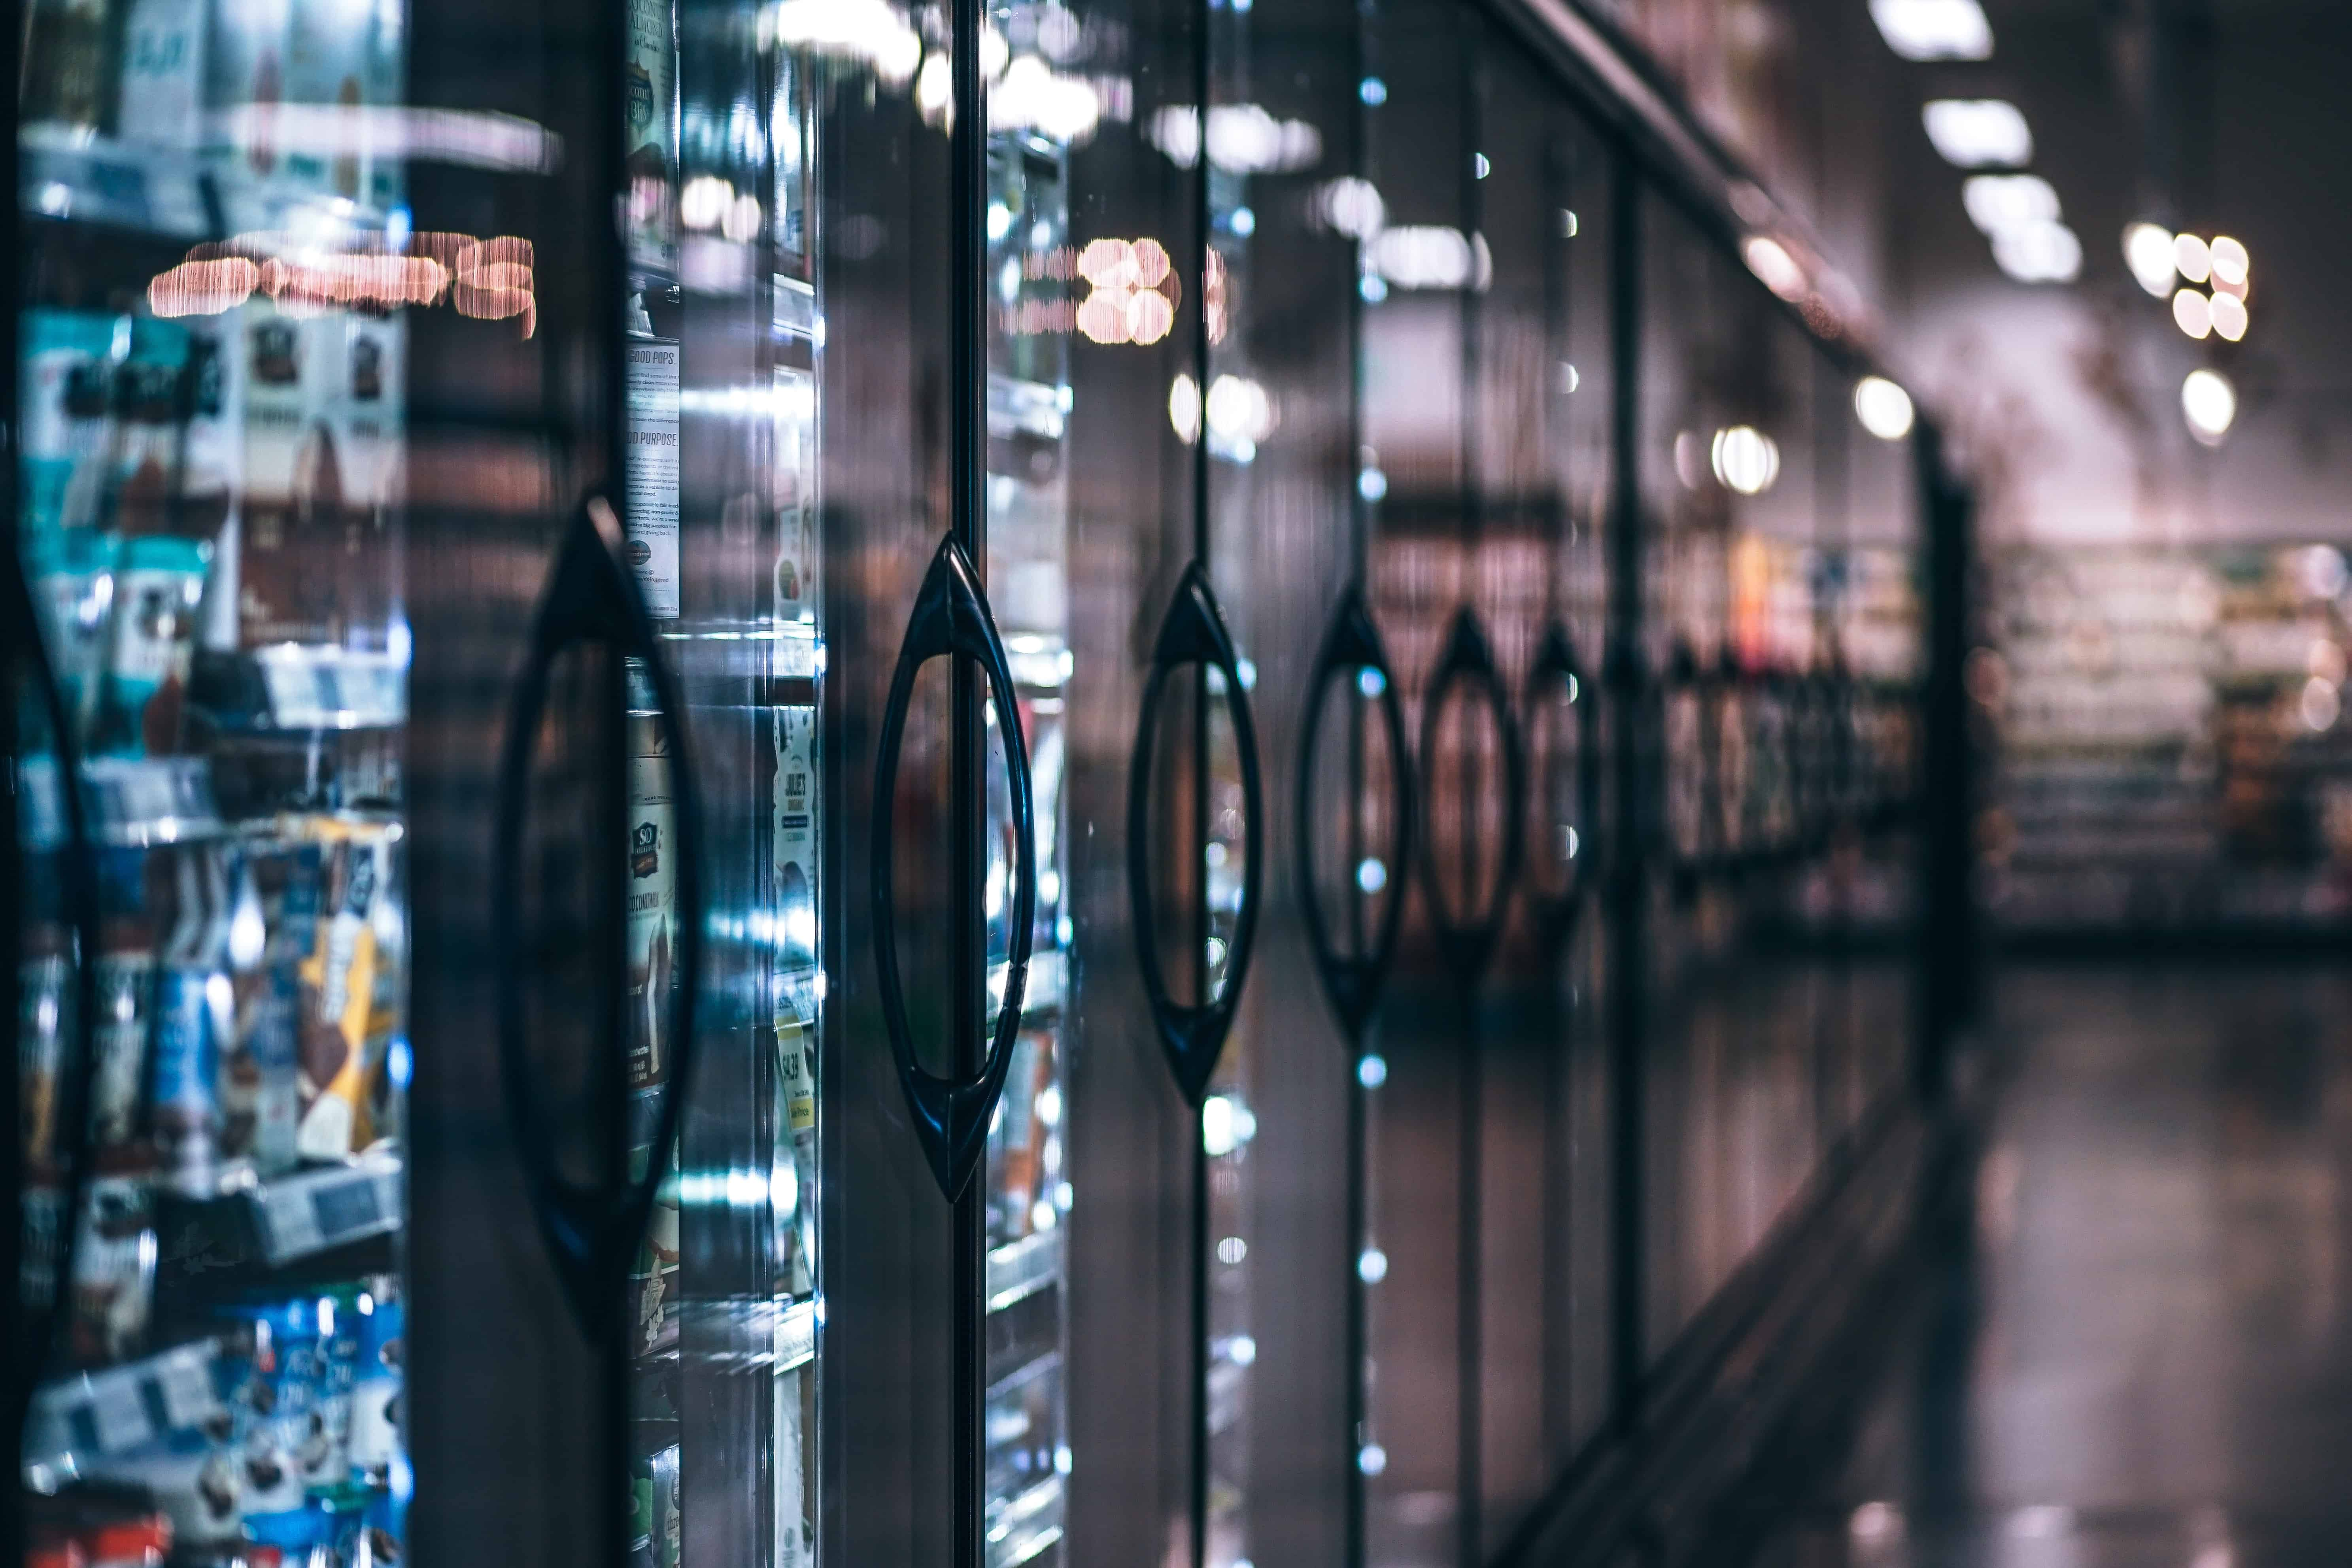 Gorenje Kühlschrank Lichtschalter : Einbaukühlschrank test 2018 die besten kühlschränke im vergleich